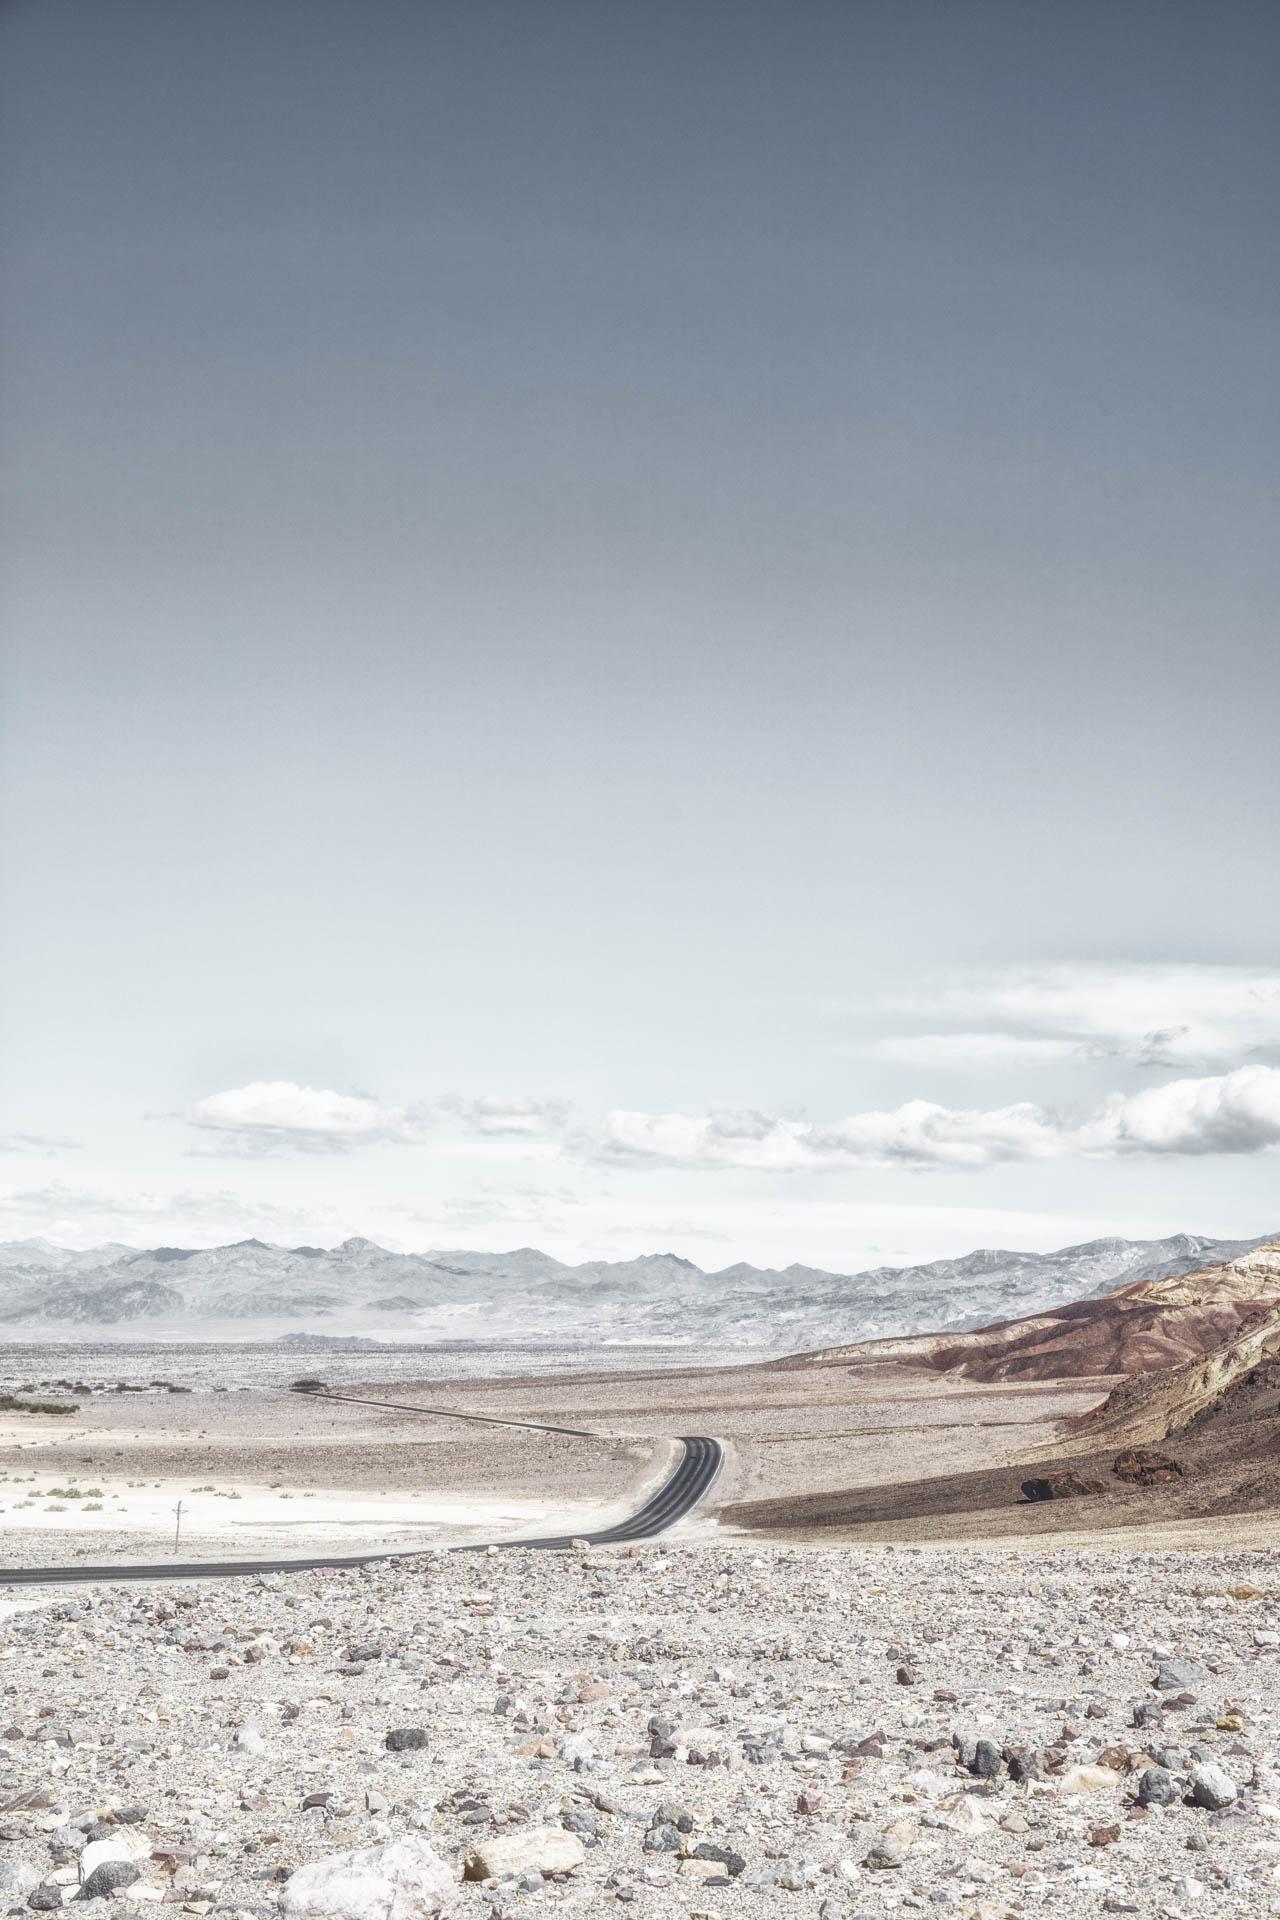 LDKphoto - Death Valley - 13.jpg